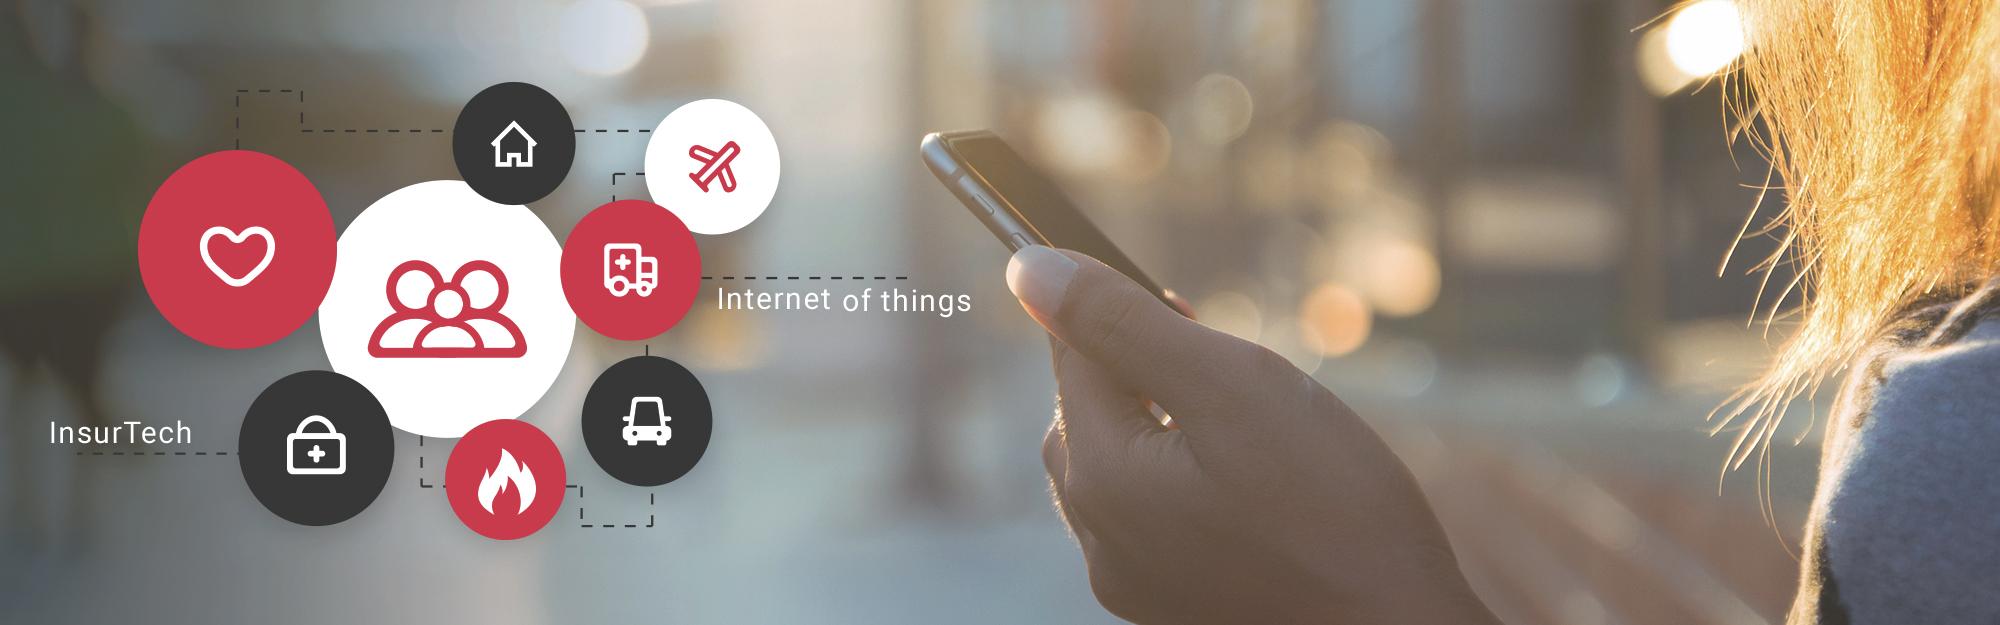 Insurtech e IoT: gli oltre 20 miliardi di device connessi aprono nuovi business alle assicurazioni (e non solo)